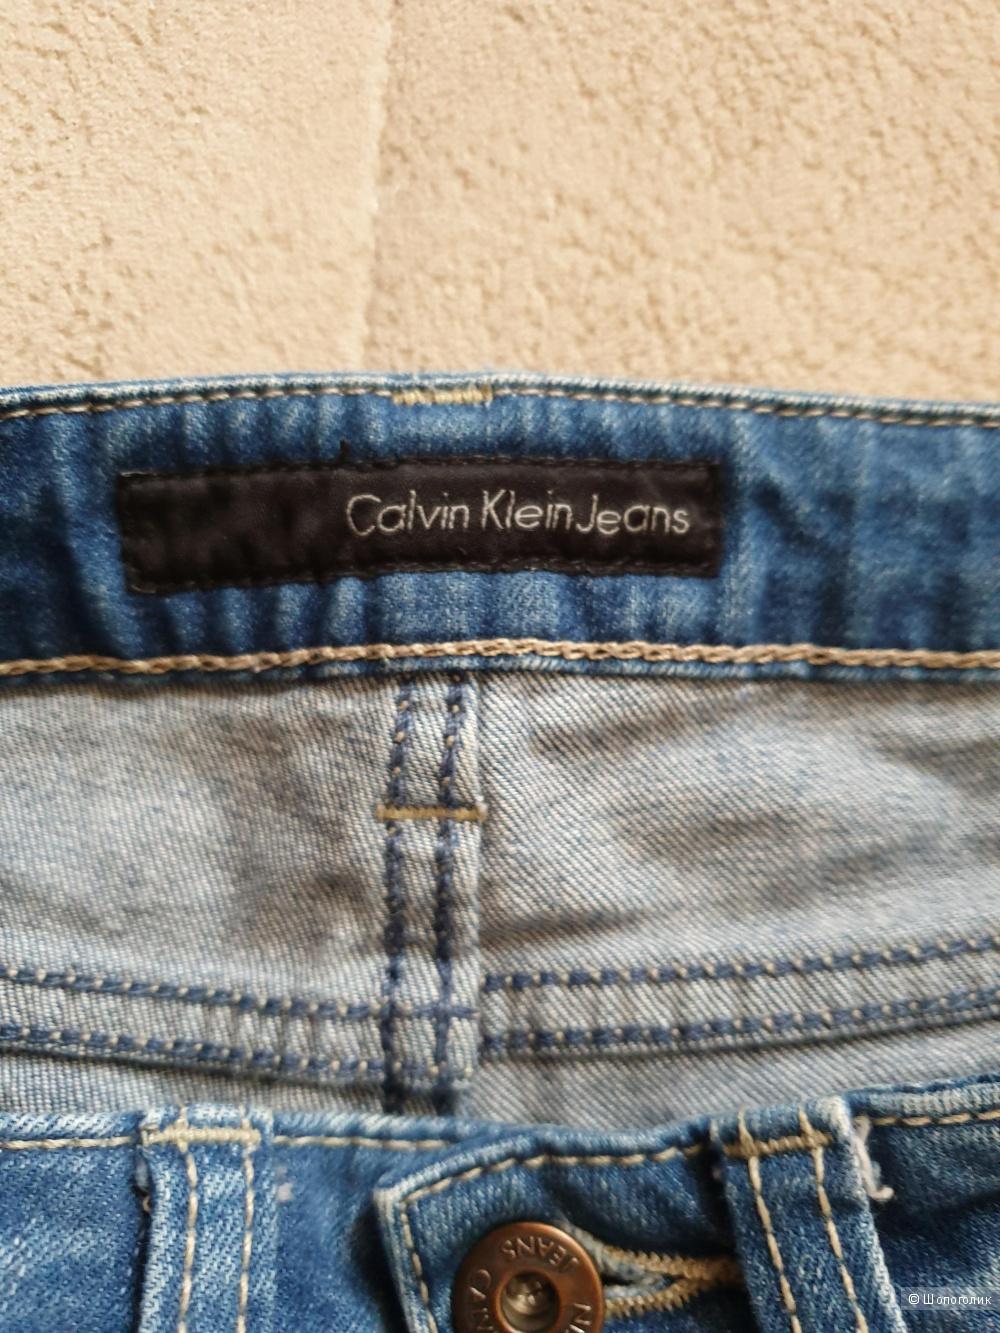 Джинсы Calvin Klein, 26 размер